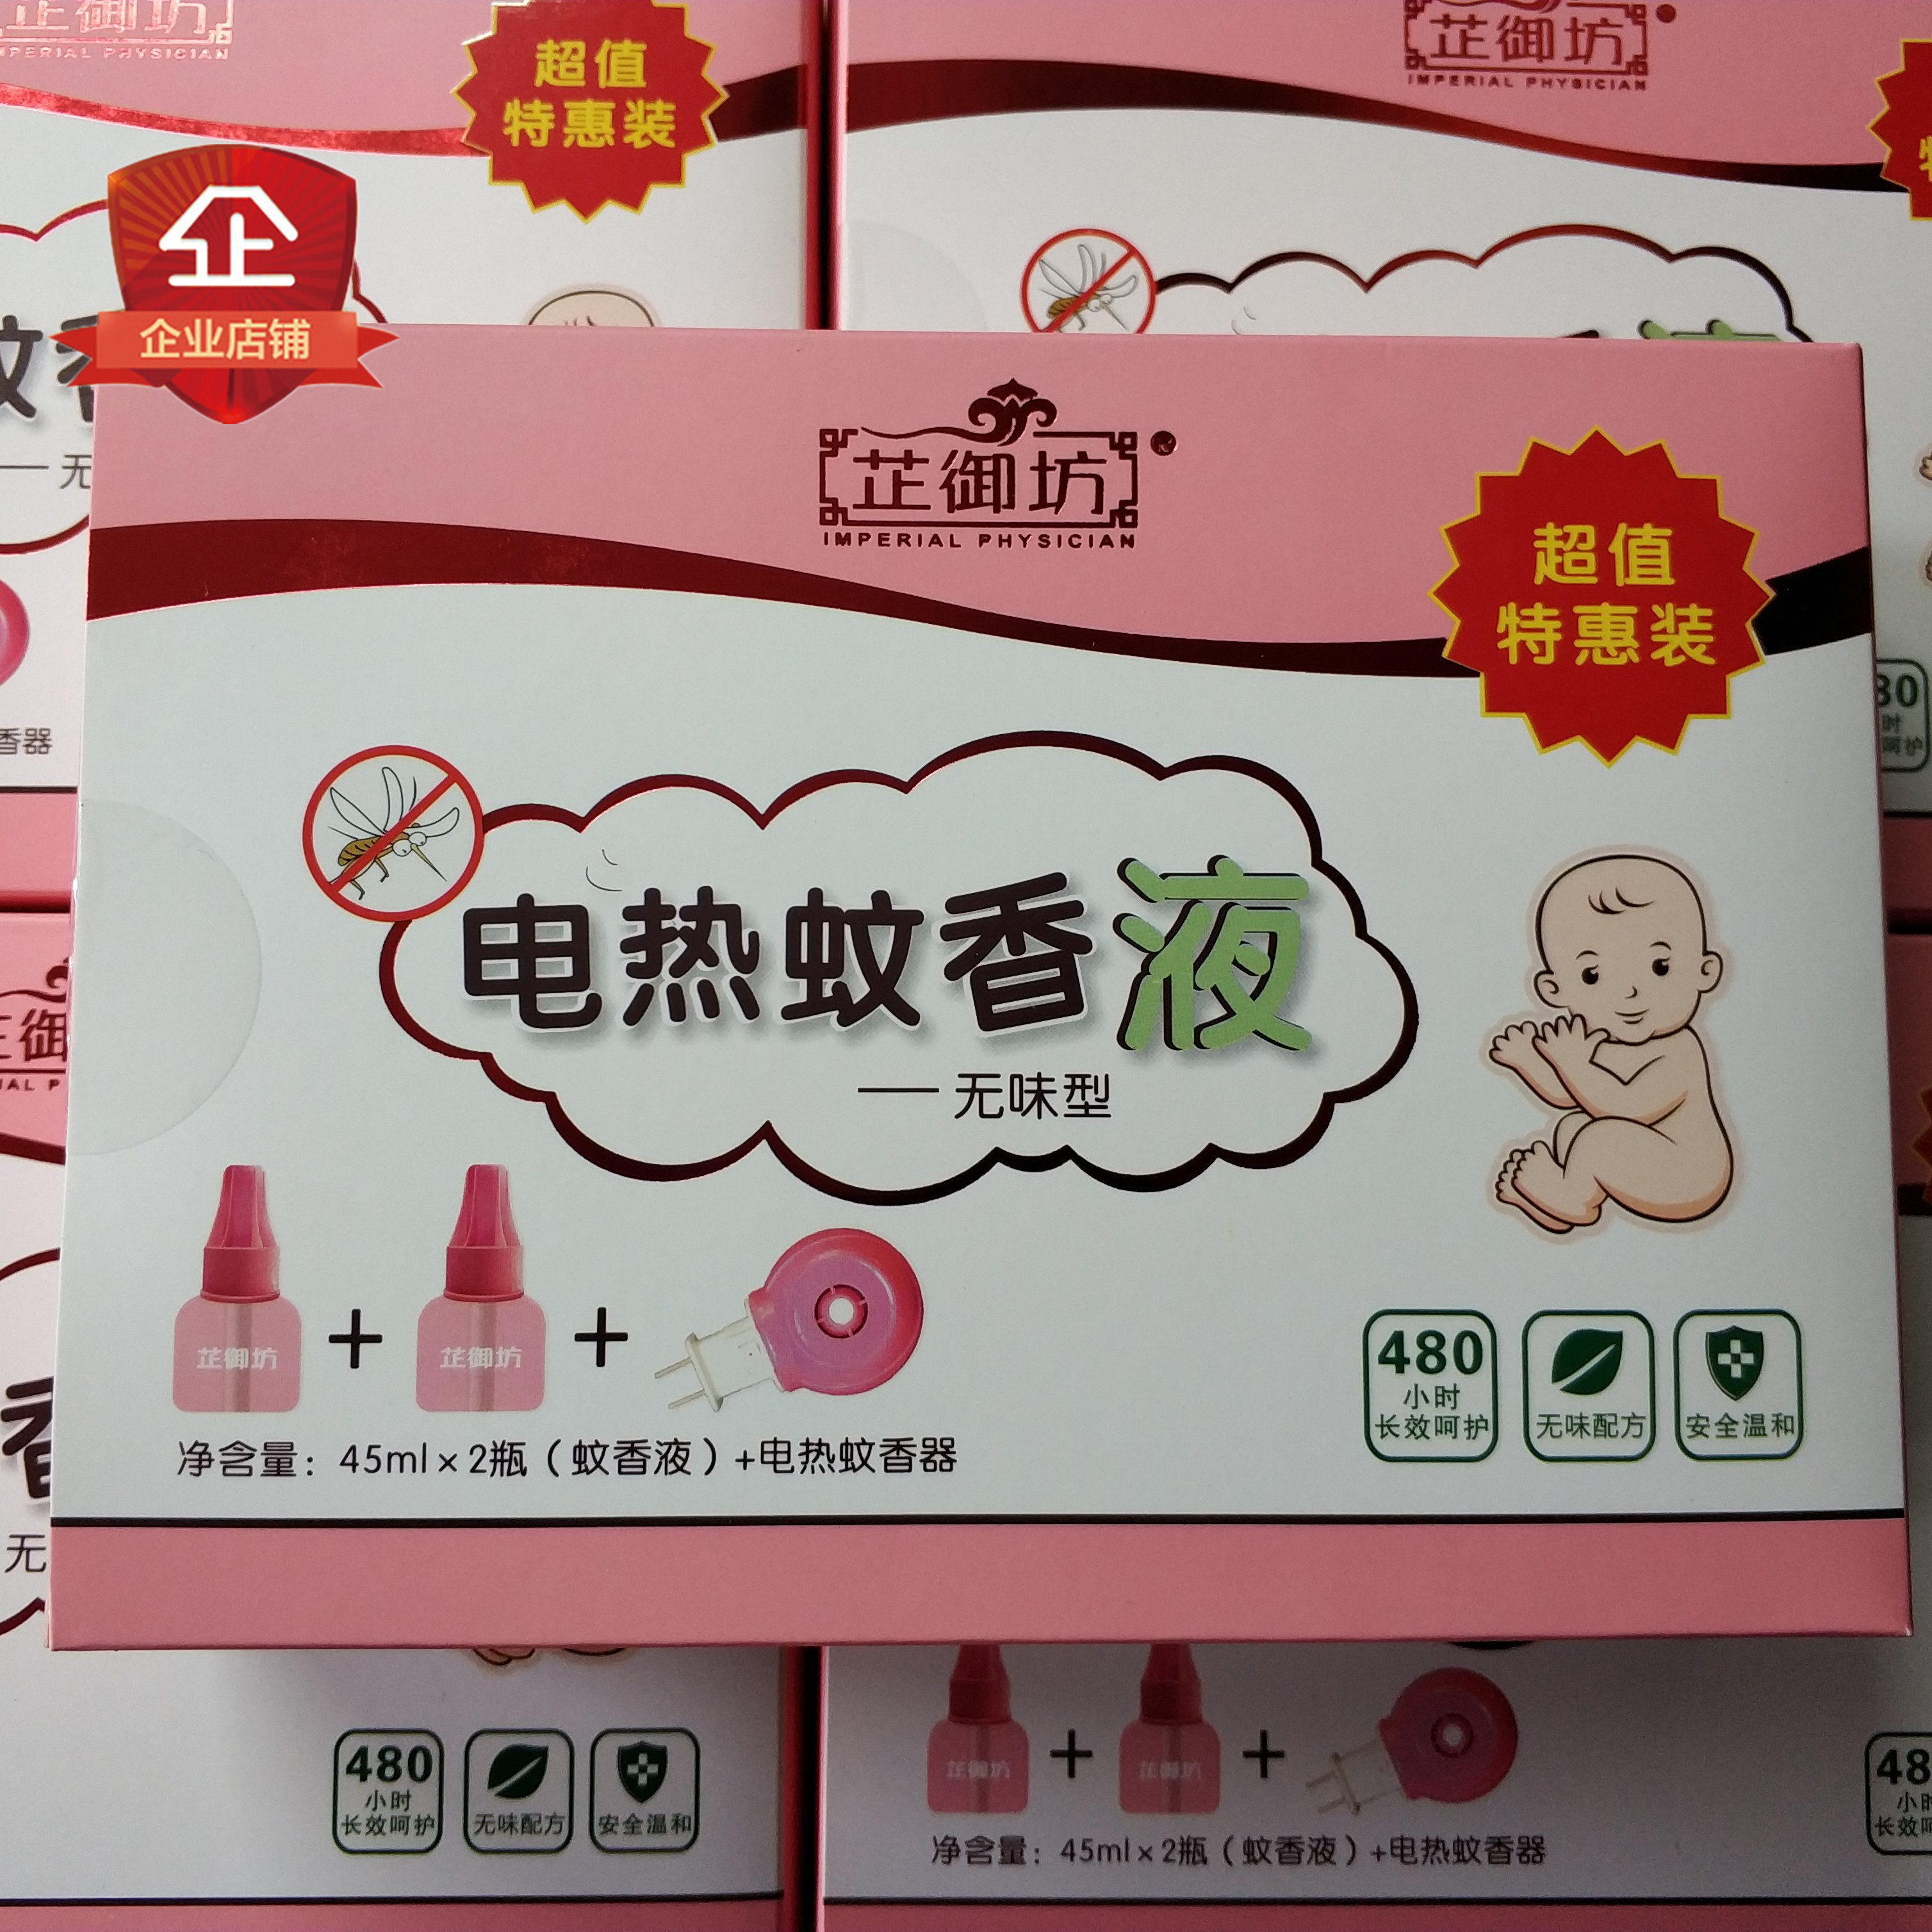 芷御坊宝宝电热蚊香液婴儿电蚊香驱蚊液儿童驱蚊器防蚊套装无味